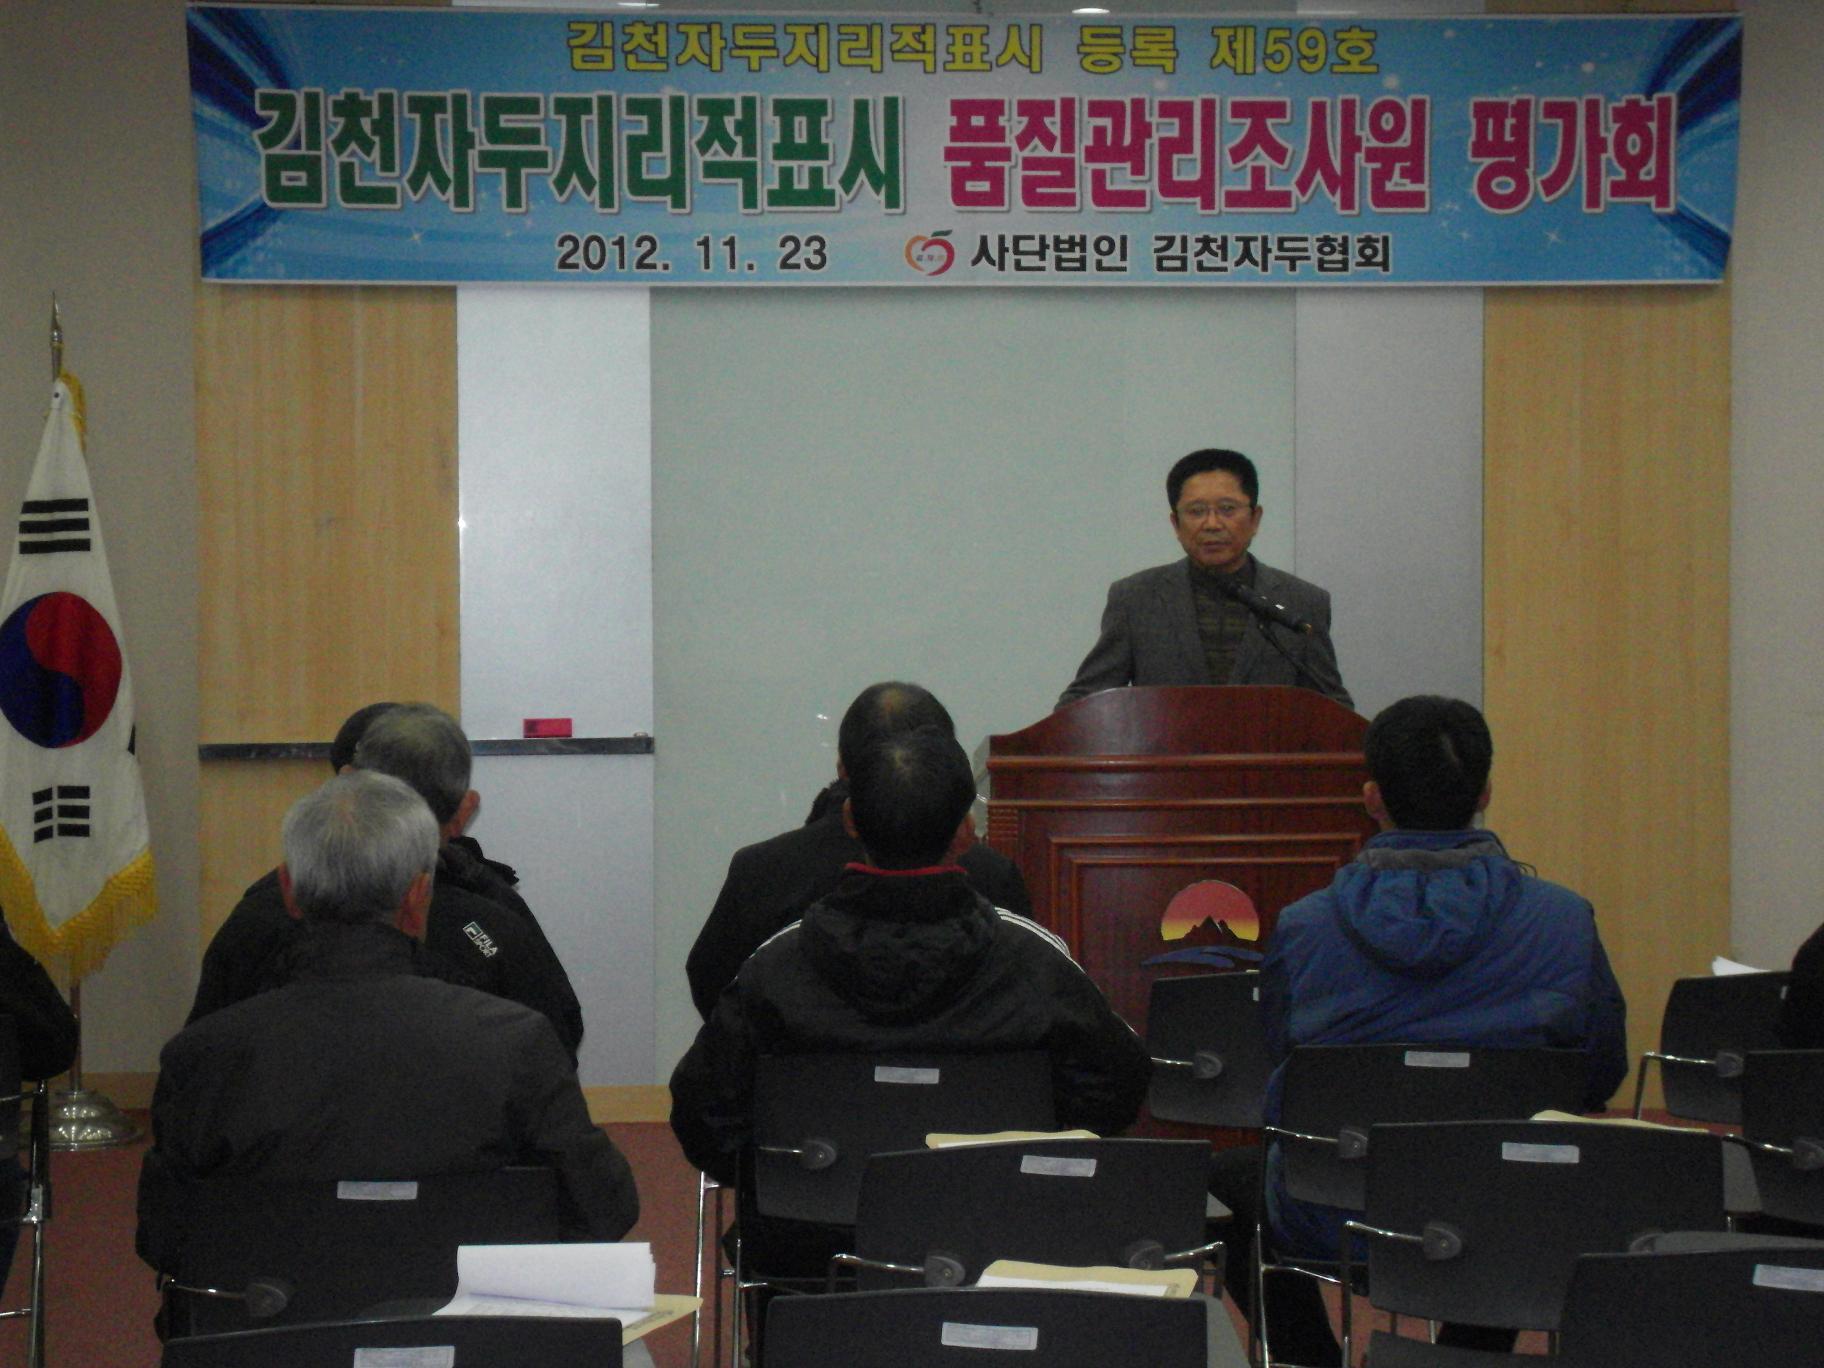 2012년 11월 23일 김천자두지표제 조사원 평가회